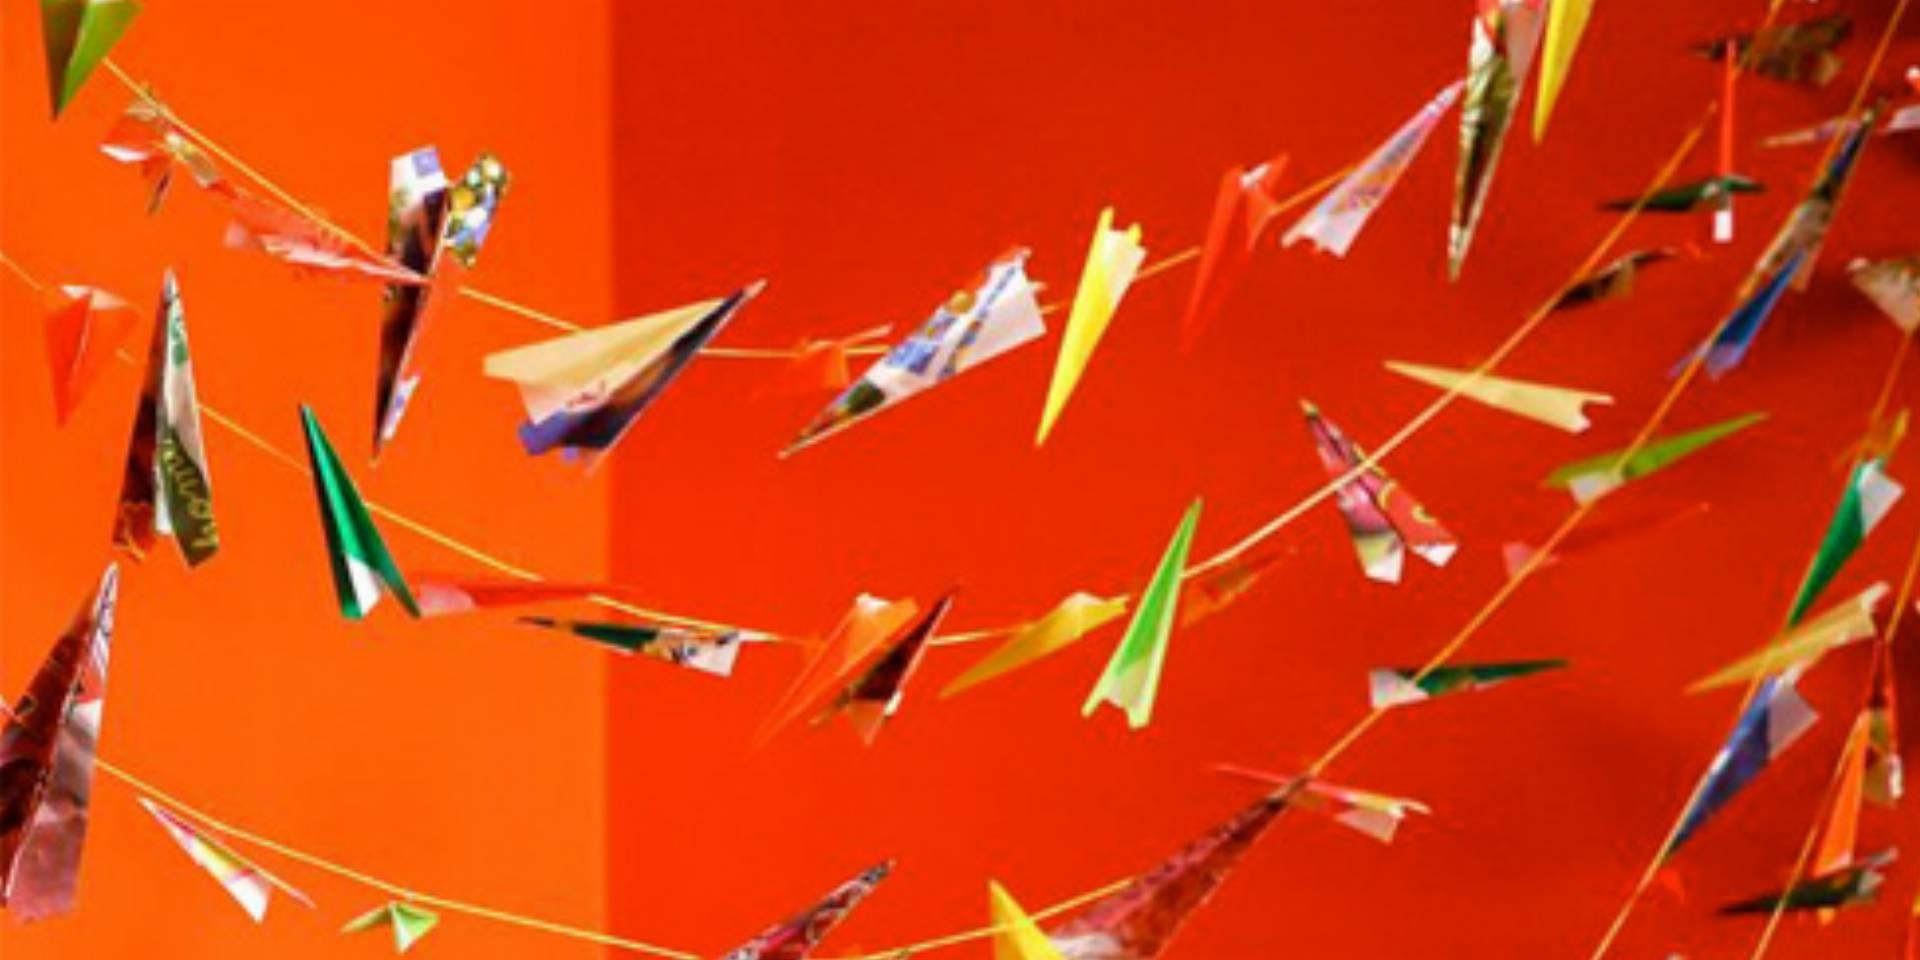 Girlanda-z-samolotow-_0_jak-ozdobic-pokoj-dziecka_DIY